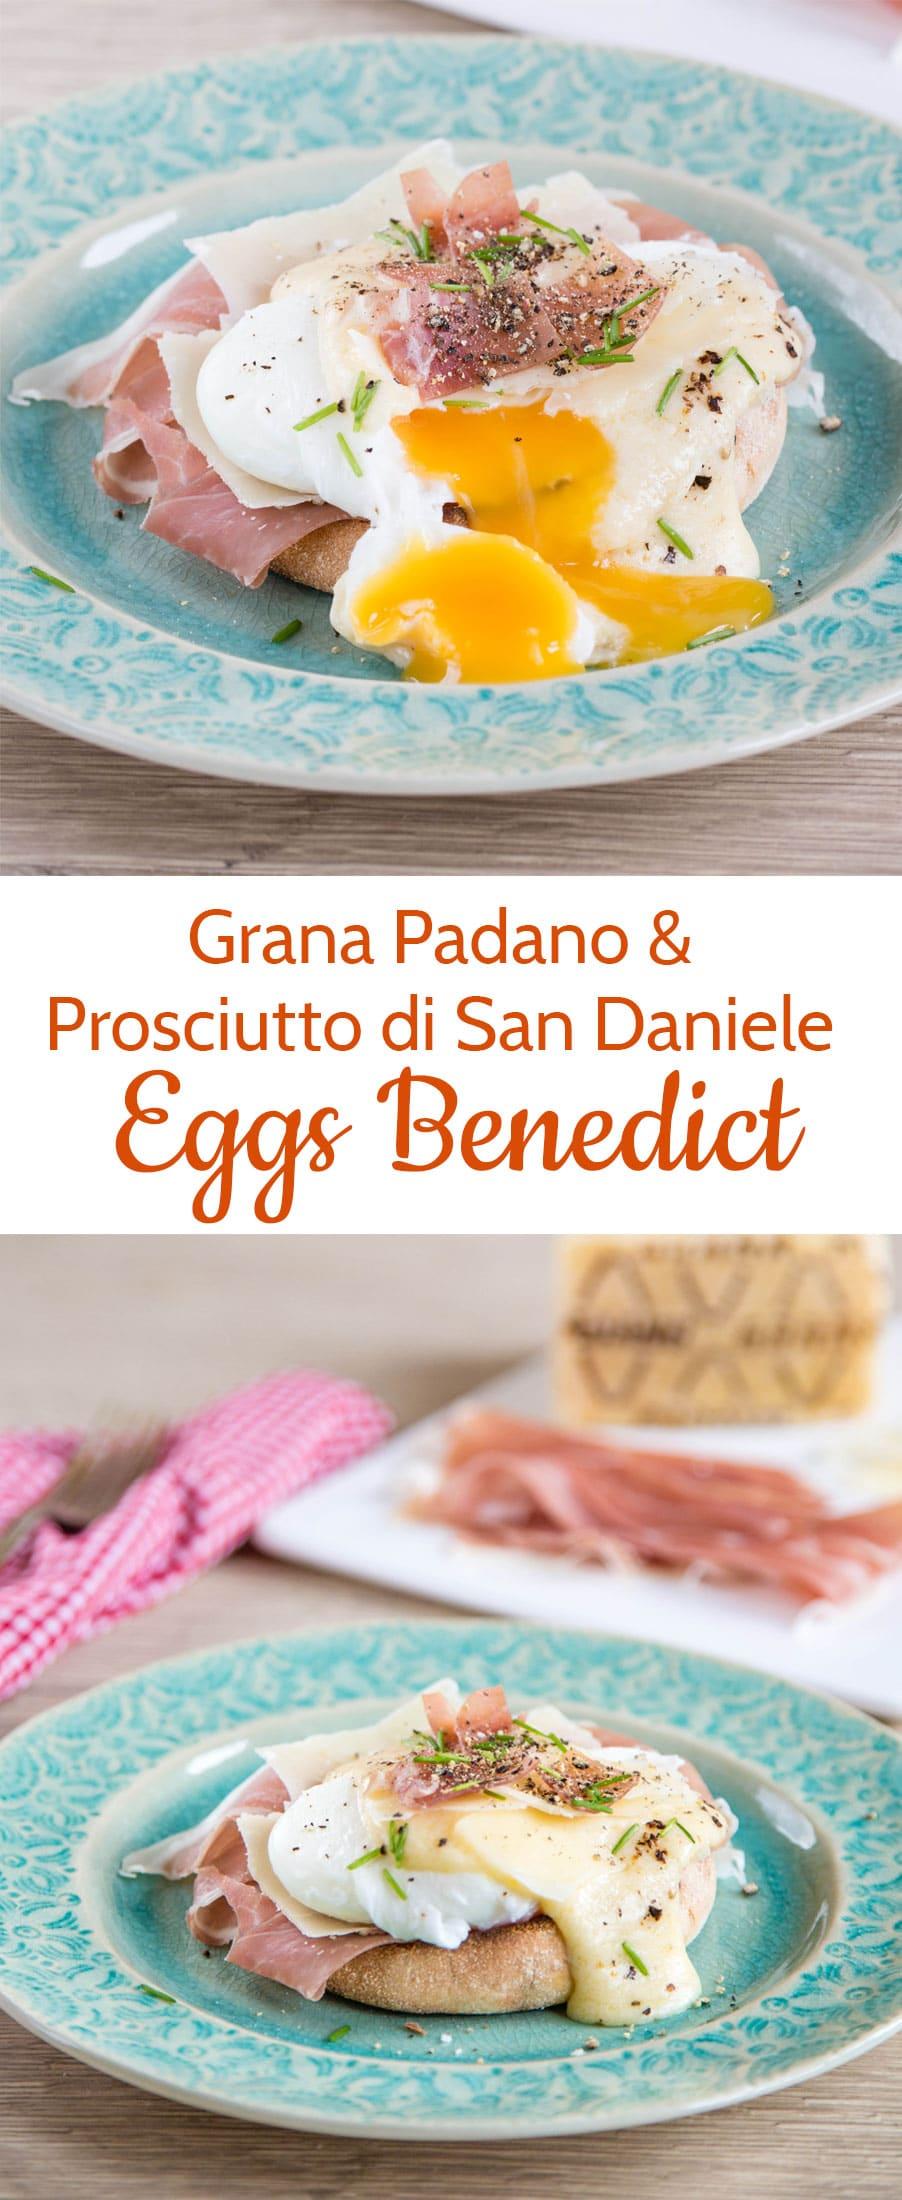 A delicious Italian eggs Benedict, made with Grana Padano & Proscuitto di San Daniele